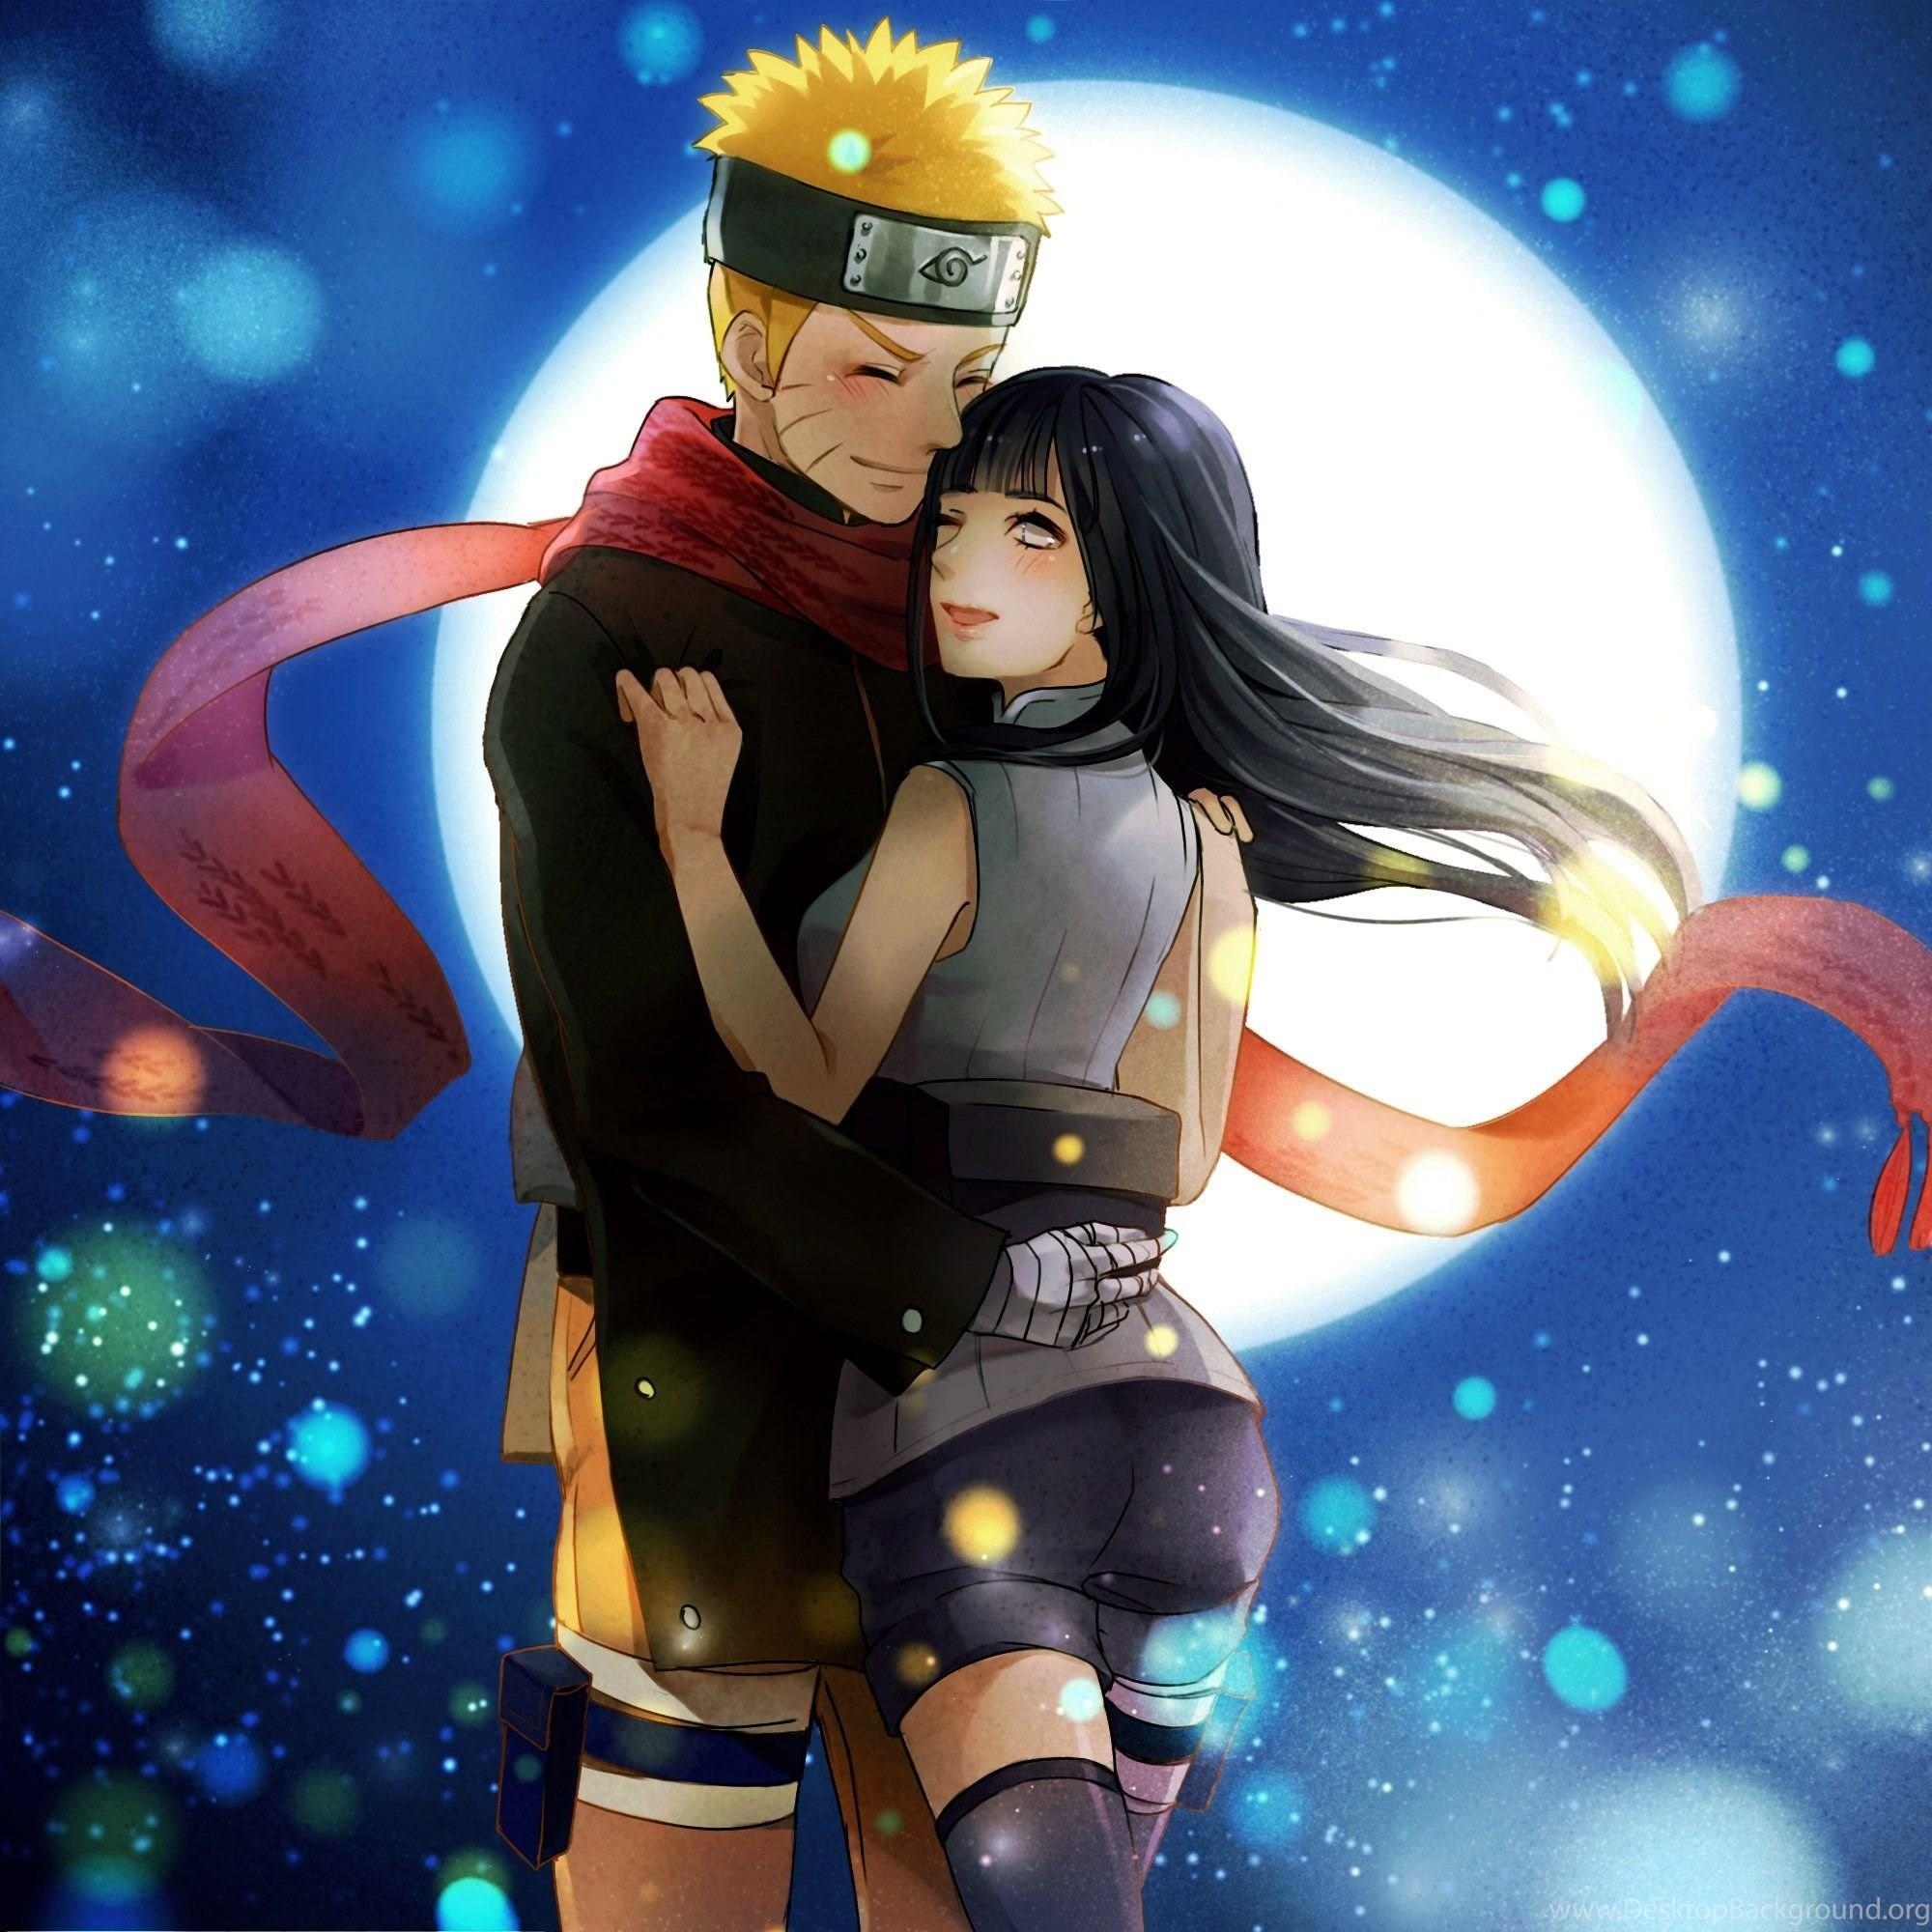 Naruto love hinata wallpaper hd voltagebd Images